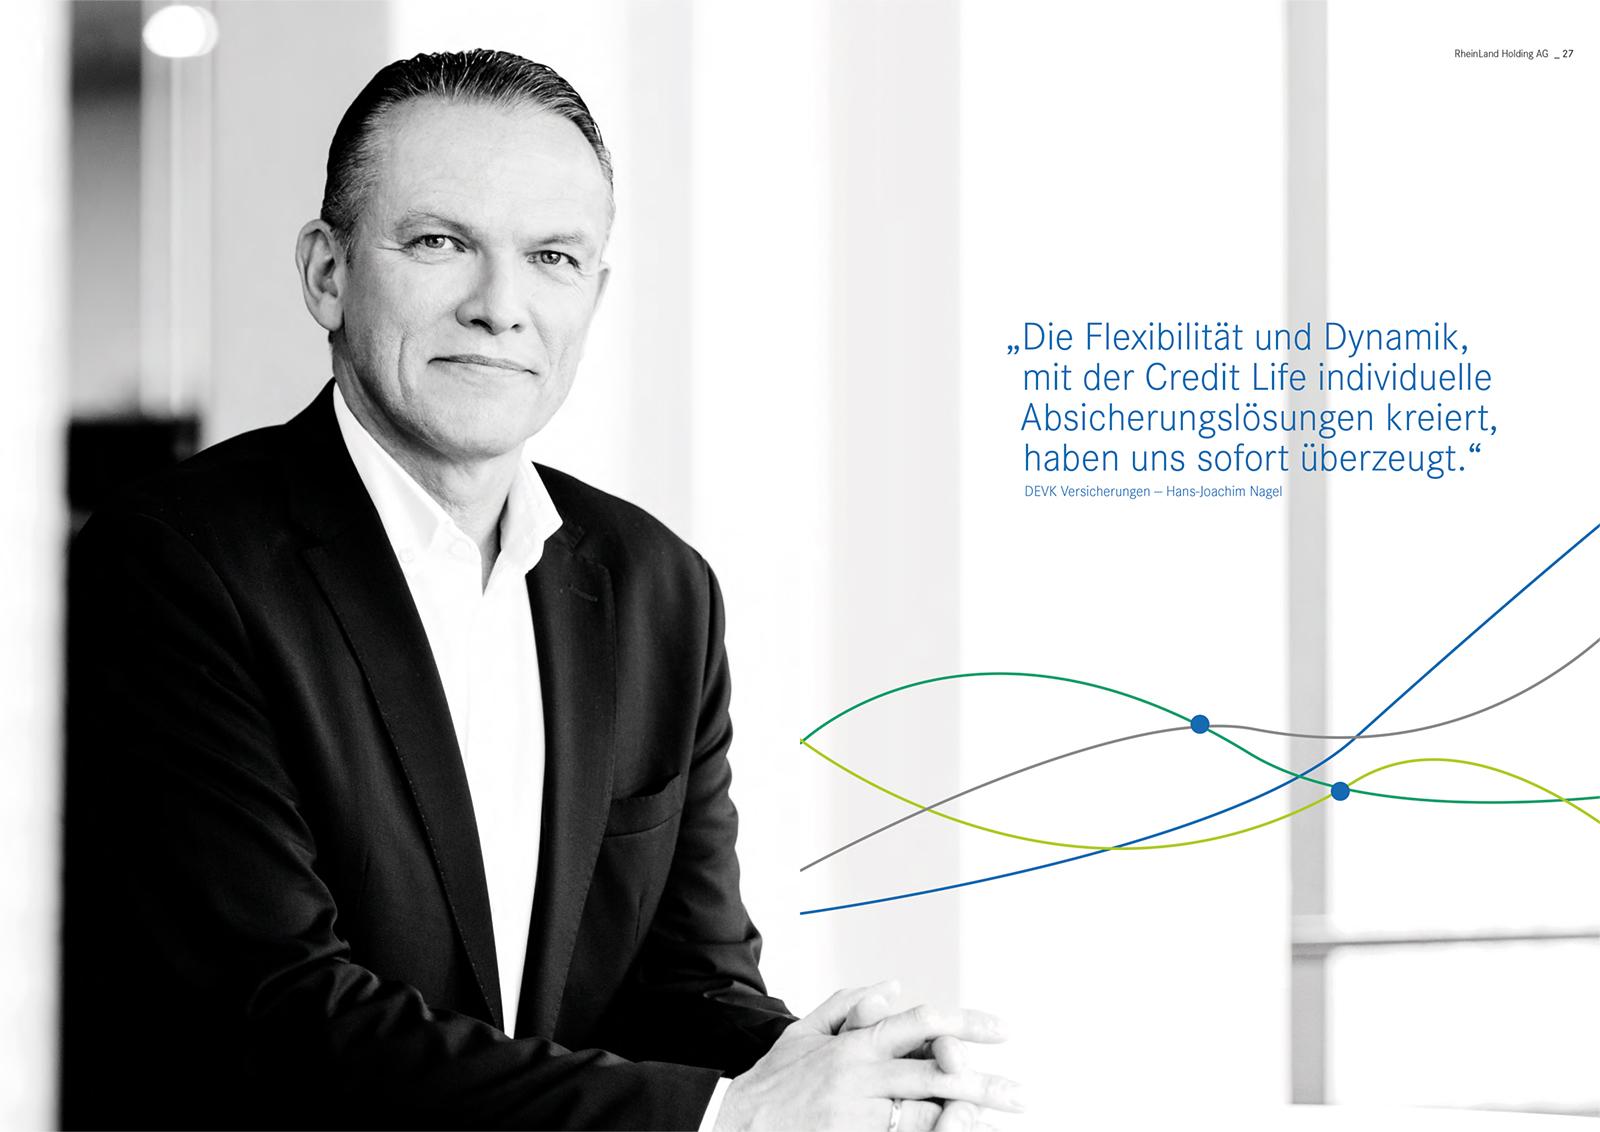 03 rheinland holding ag versicherung geschaeftsbericht 2019 1 - Geschäftsbericht der RheinLand Holding AG